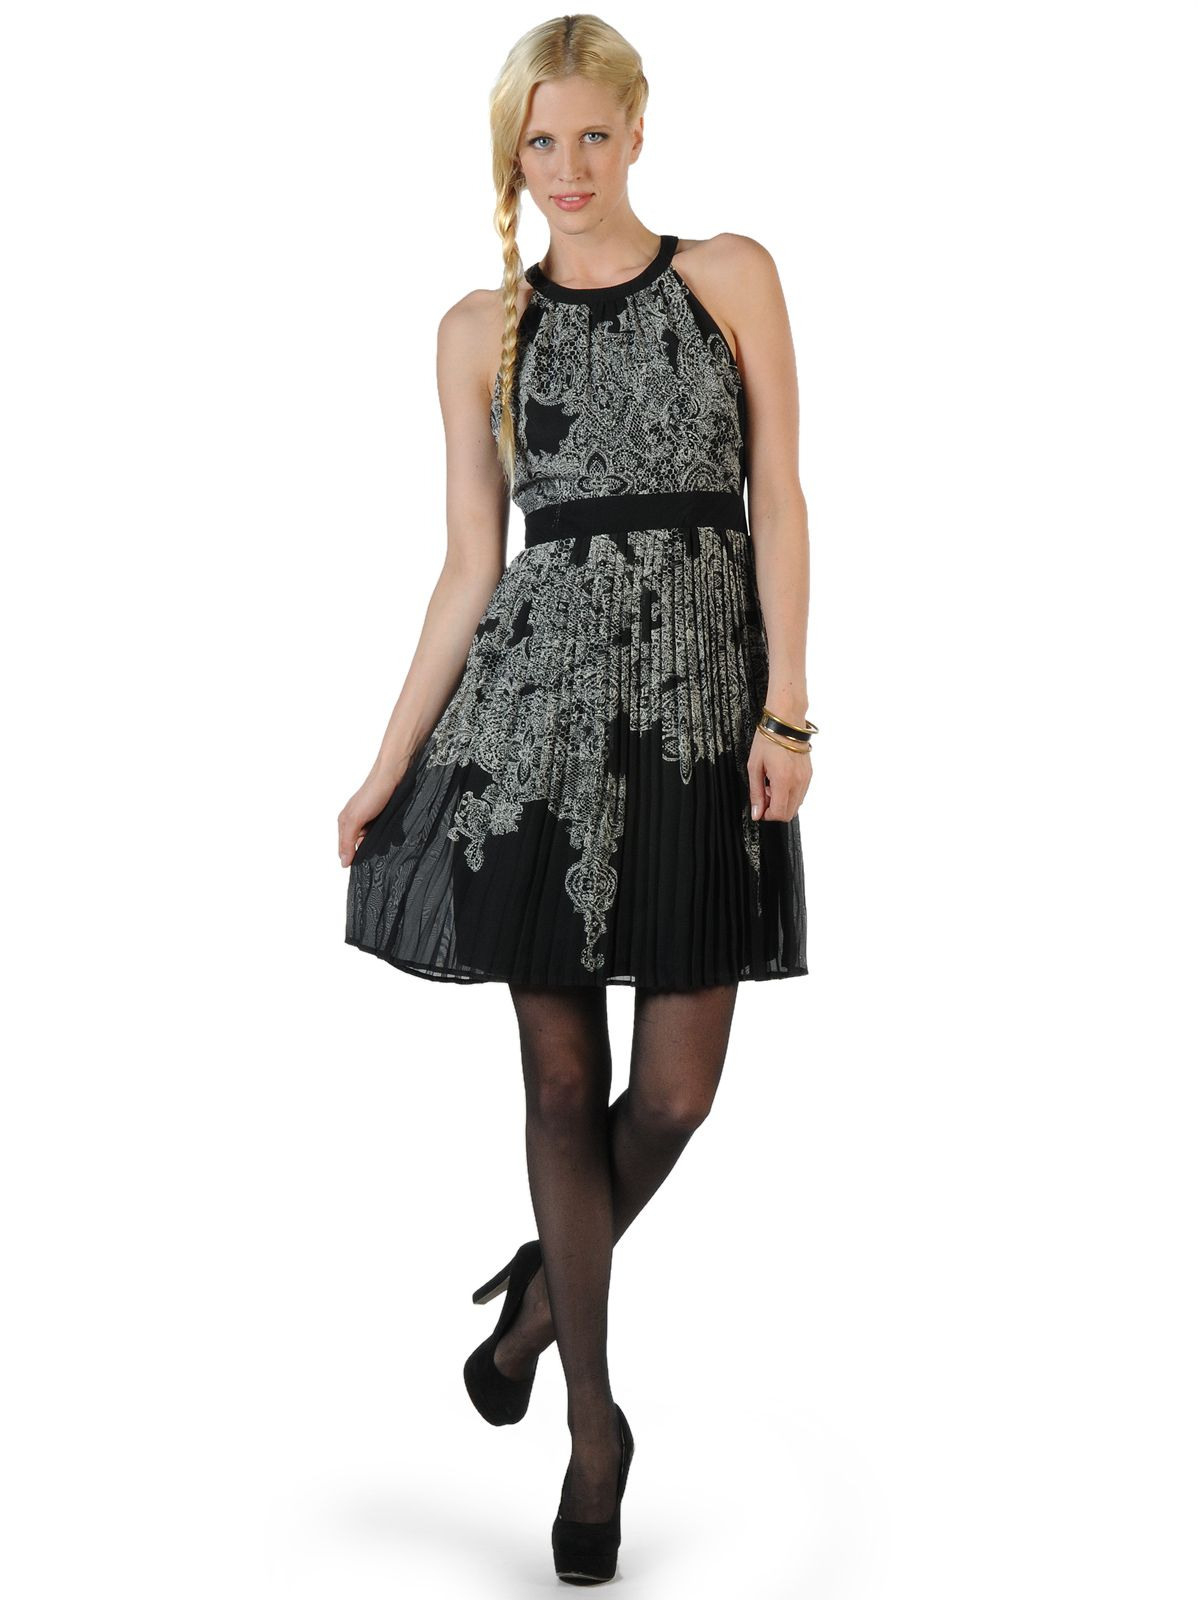 Einfach Schöne Kleider Online Bestellen GalerieDesigner Einfach Schöne Kleider Online Bestellen Stylish